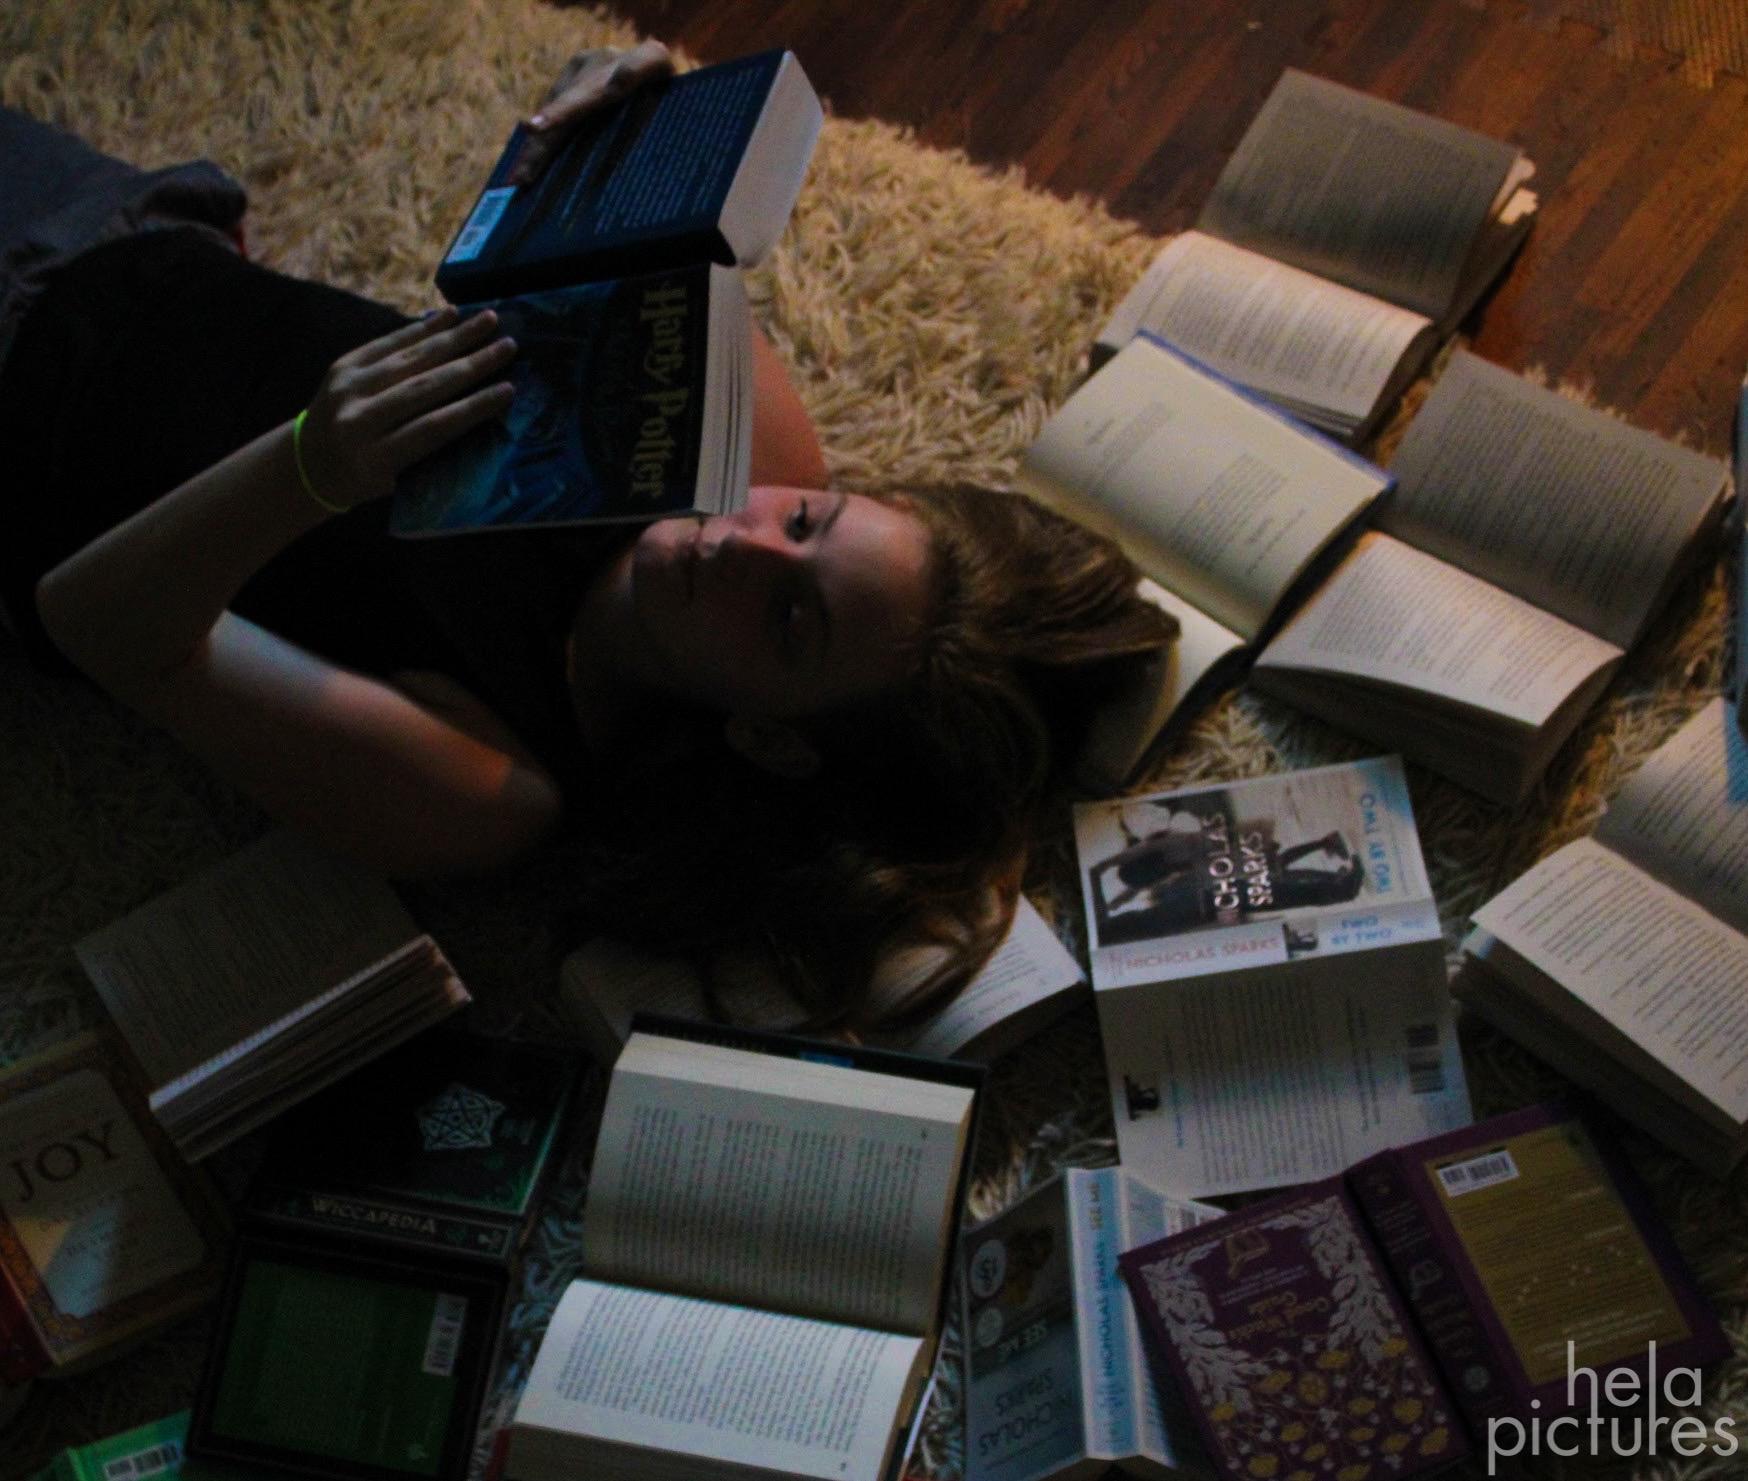 Girl reading books, many books on the floor